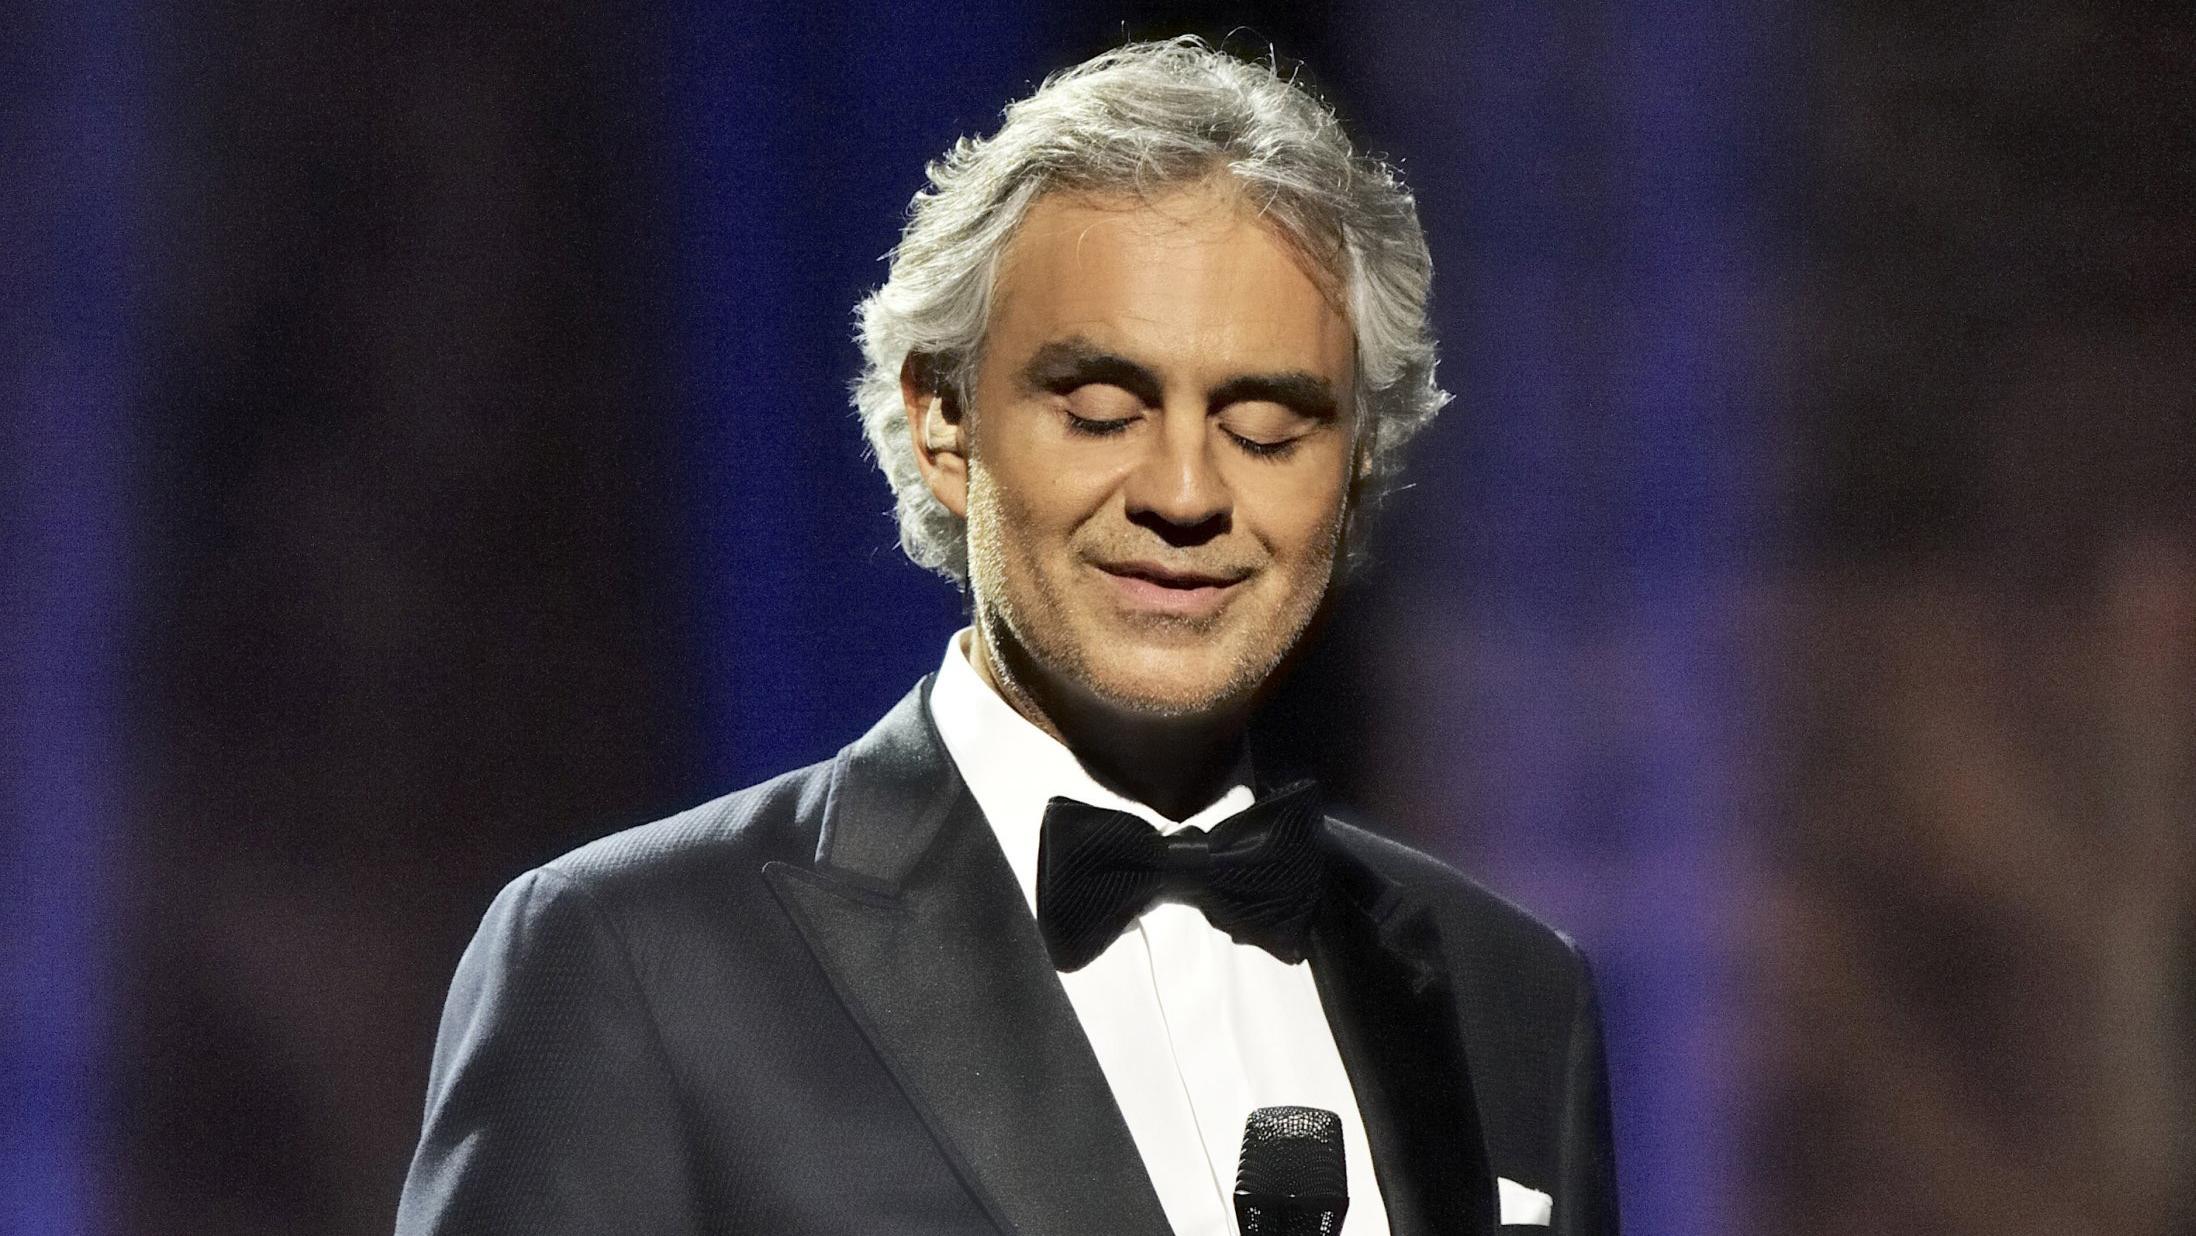 El tenor Andrea Bocelli es hospitalizado tras caer de un caballo